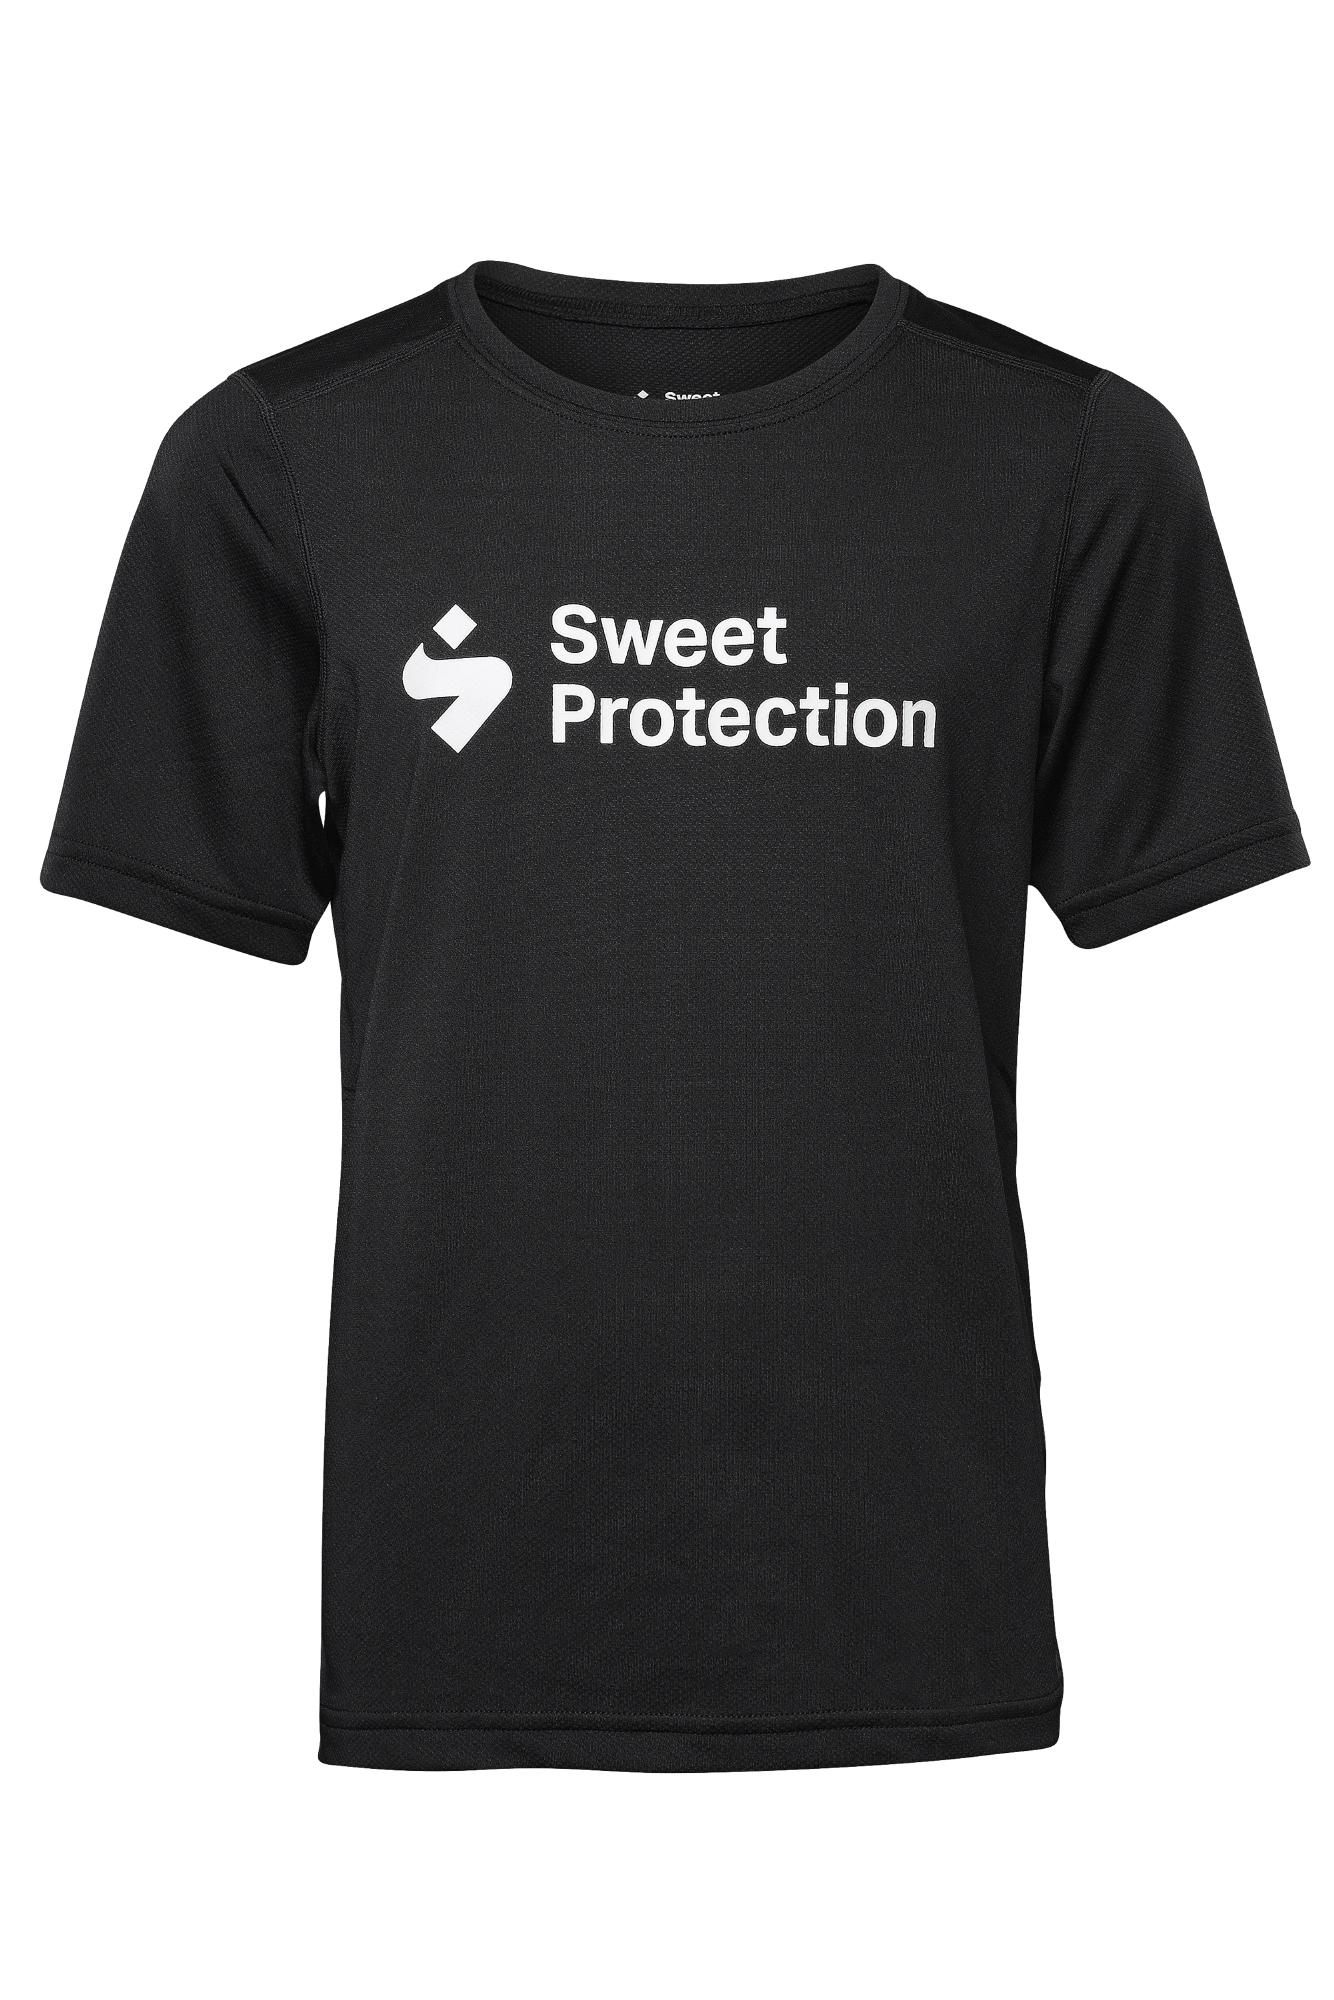 Sweet Protection Hunter Jersey JR - Junior cykeltrøje | Jerseys